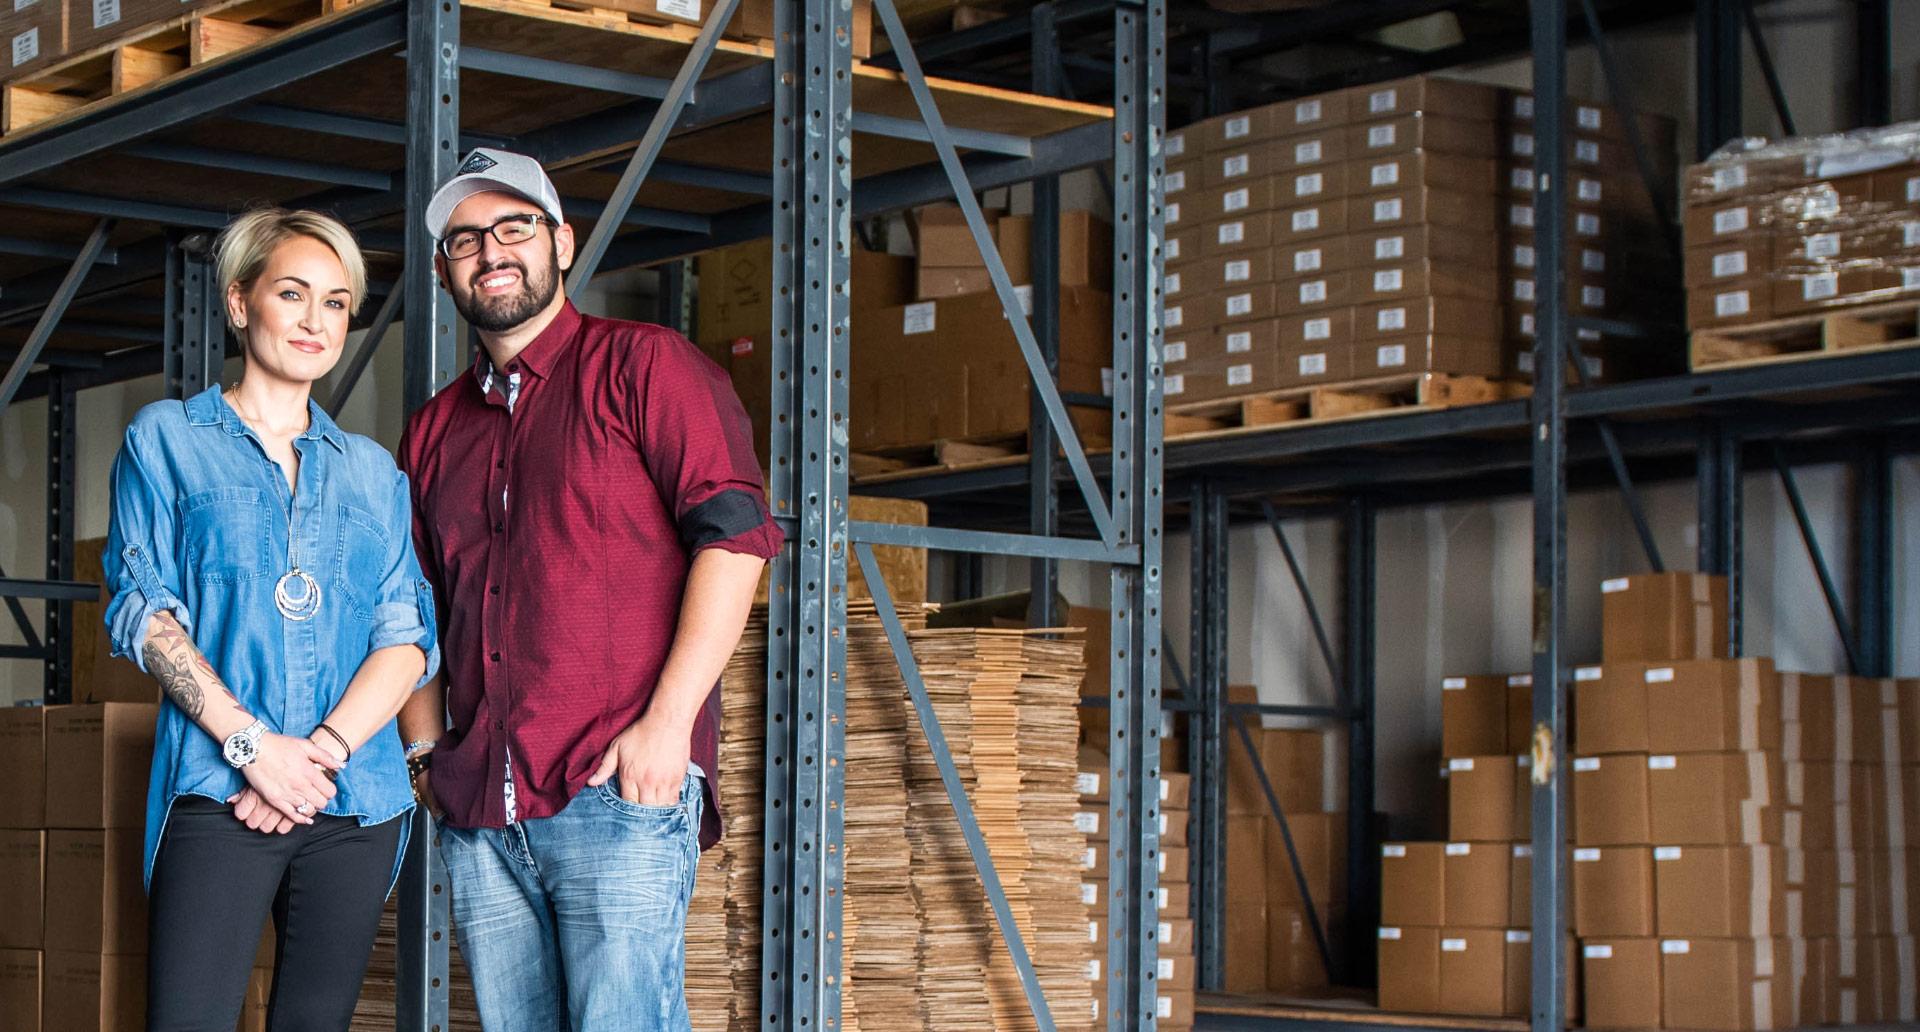 Josh and Jenna Zwagil in Warehouse